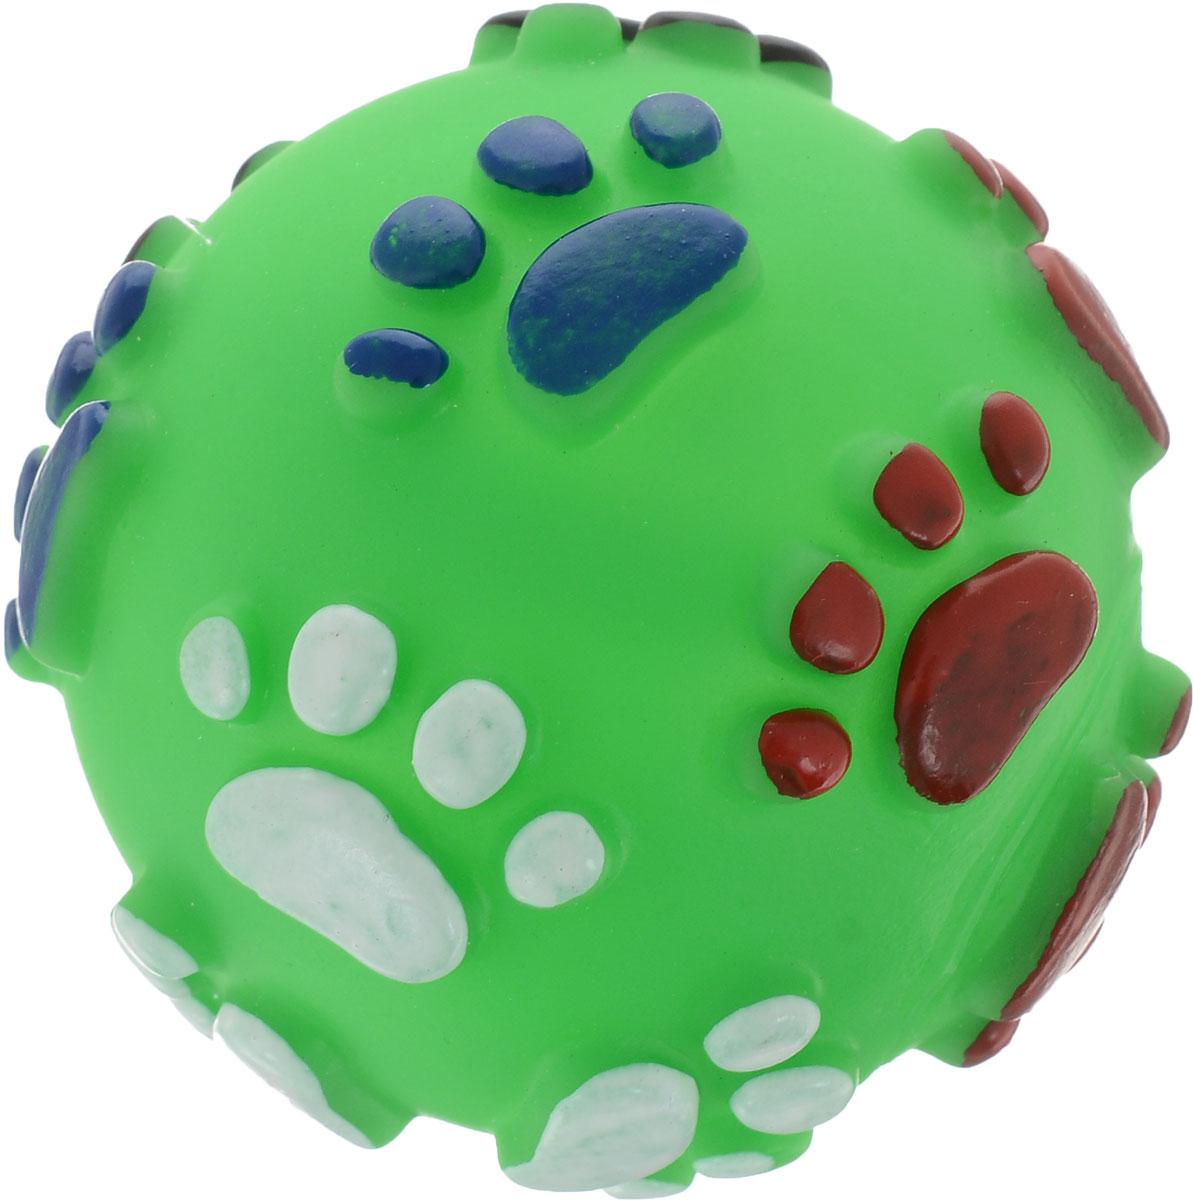 Игрушка для собак Уют Мяч лапки, цвет: зеленый, 6,5 см игрушка для животных каскад мячик пробковый цвет зеленый 3 5 см